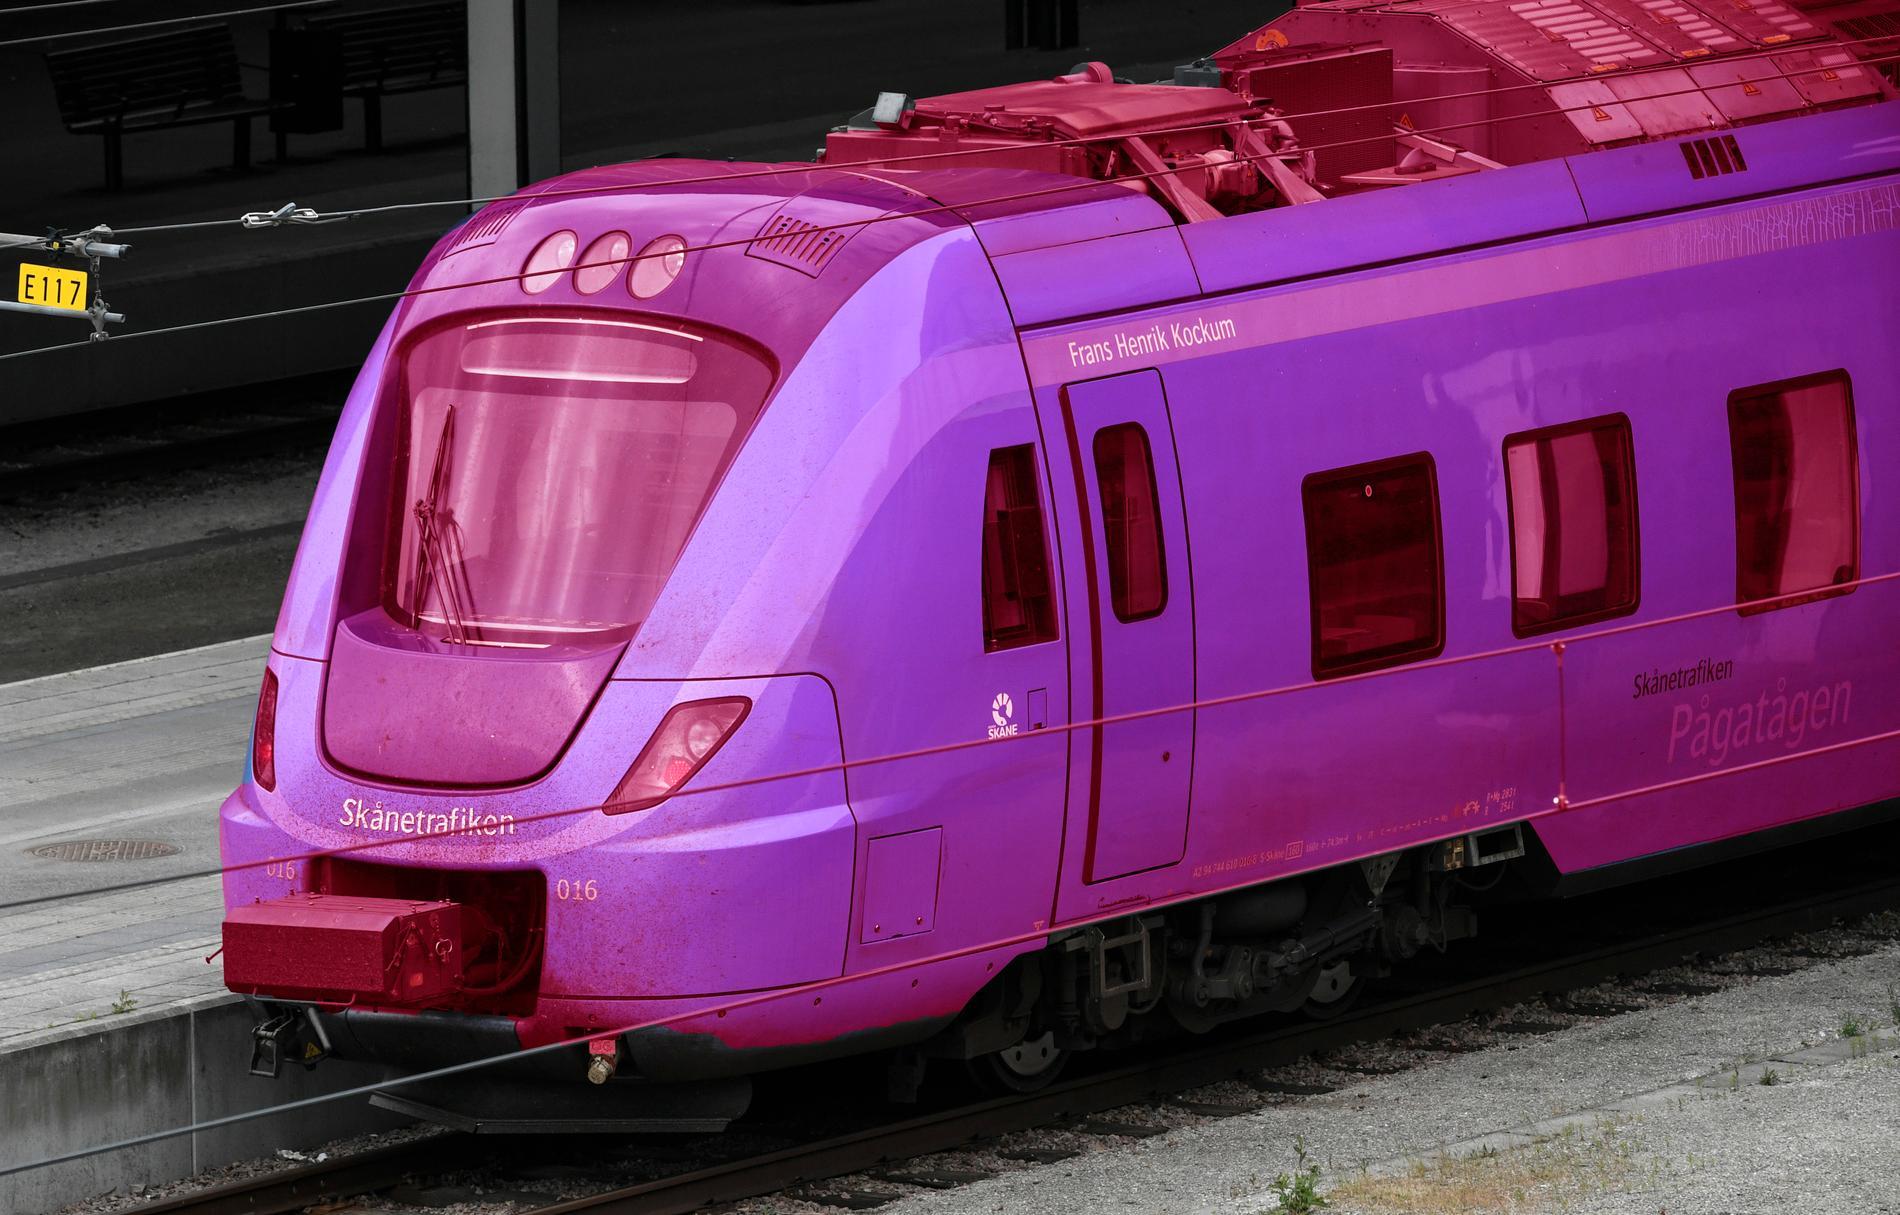 Likt tåget på bilden la Sydsvenskan upp flera bilder på Pågatåg färgade i rosa och regnbågs-färger.